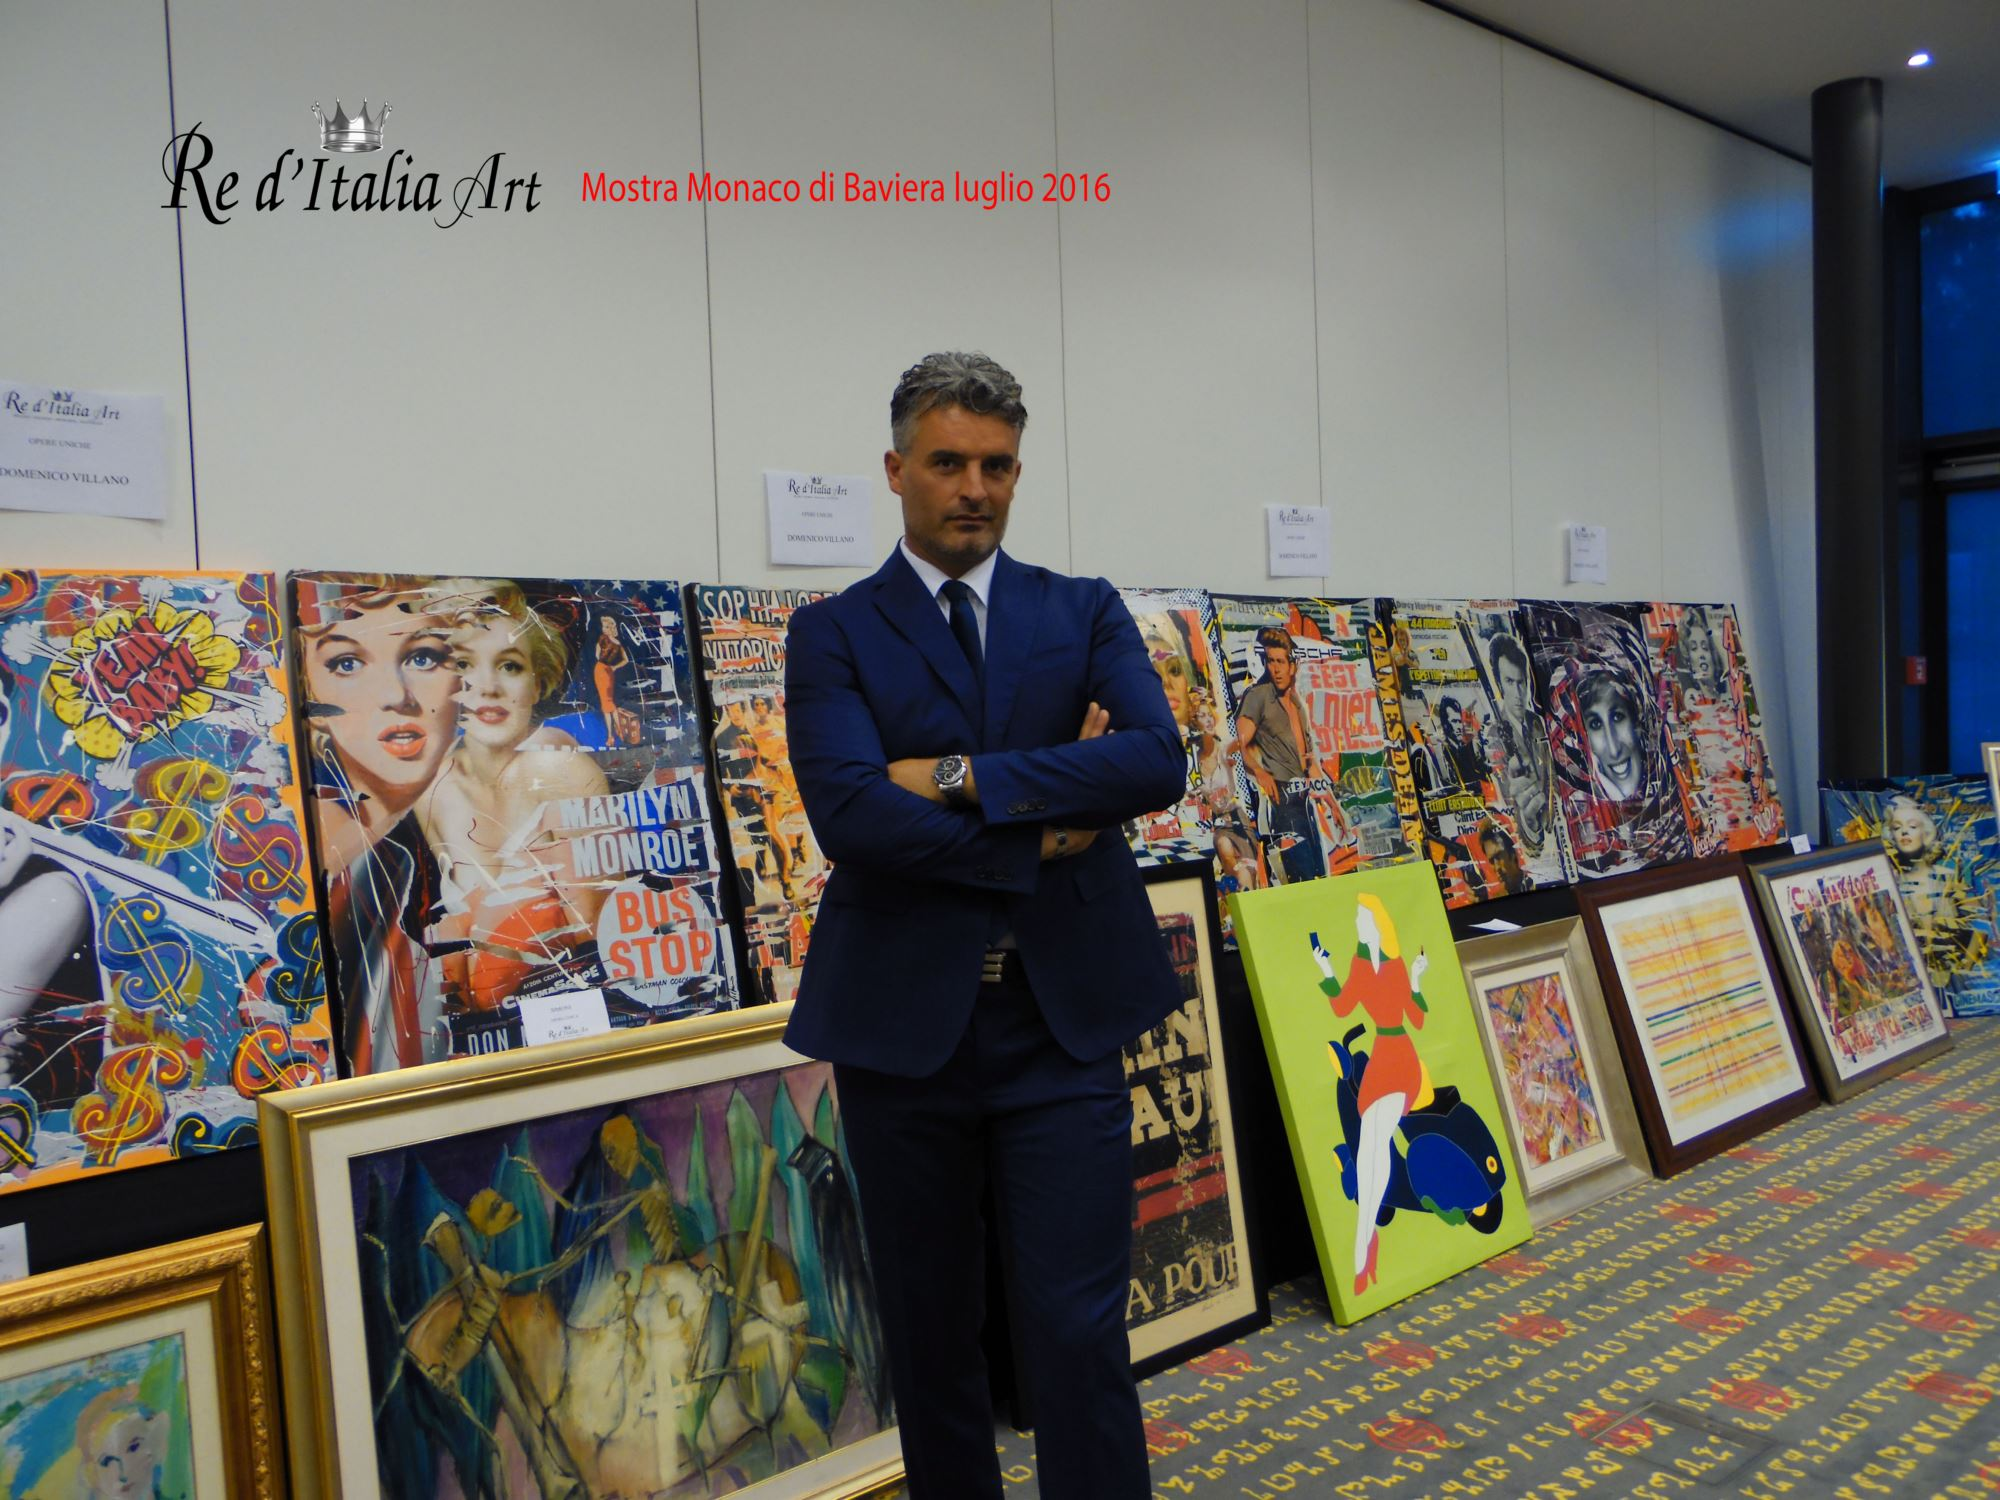 Mostra Monaco luglio 2016 • Re dItalia Art